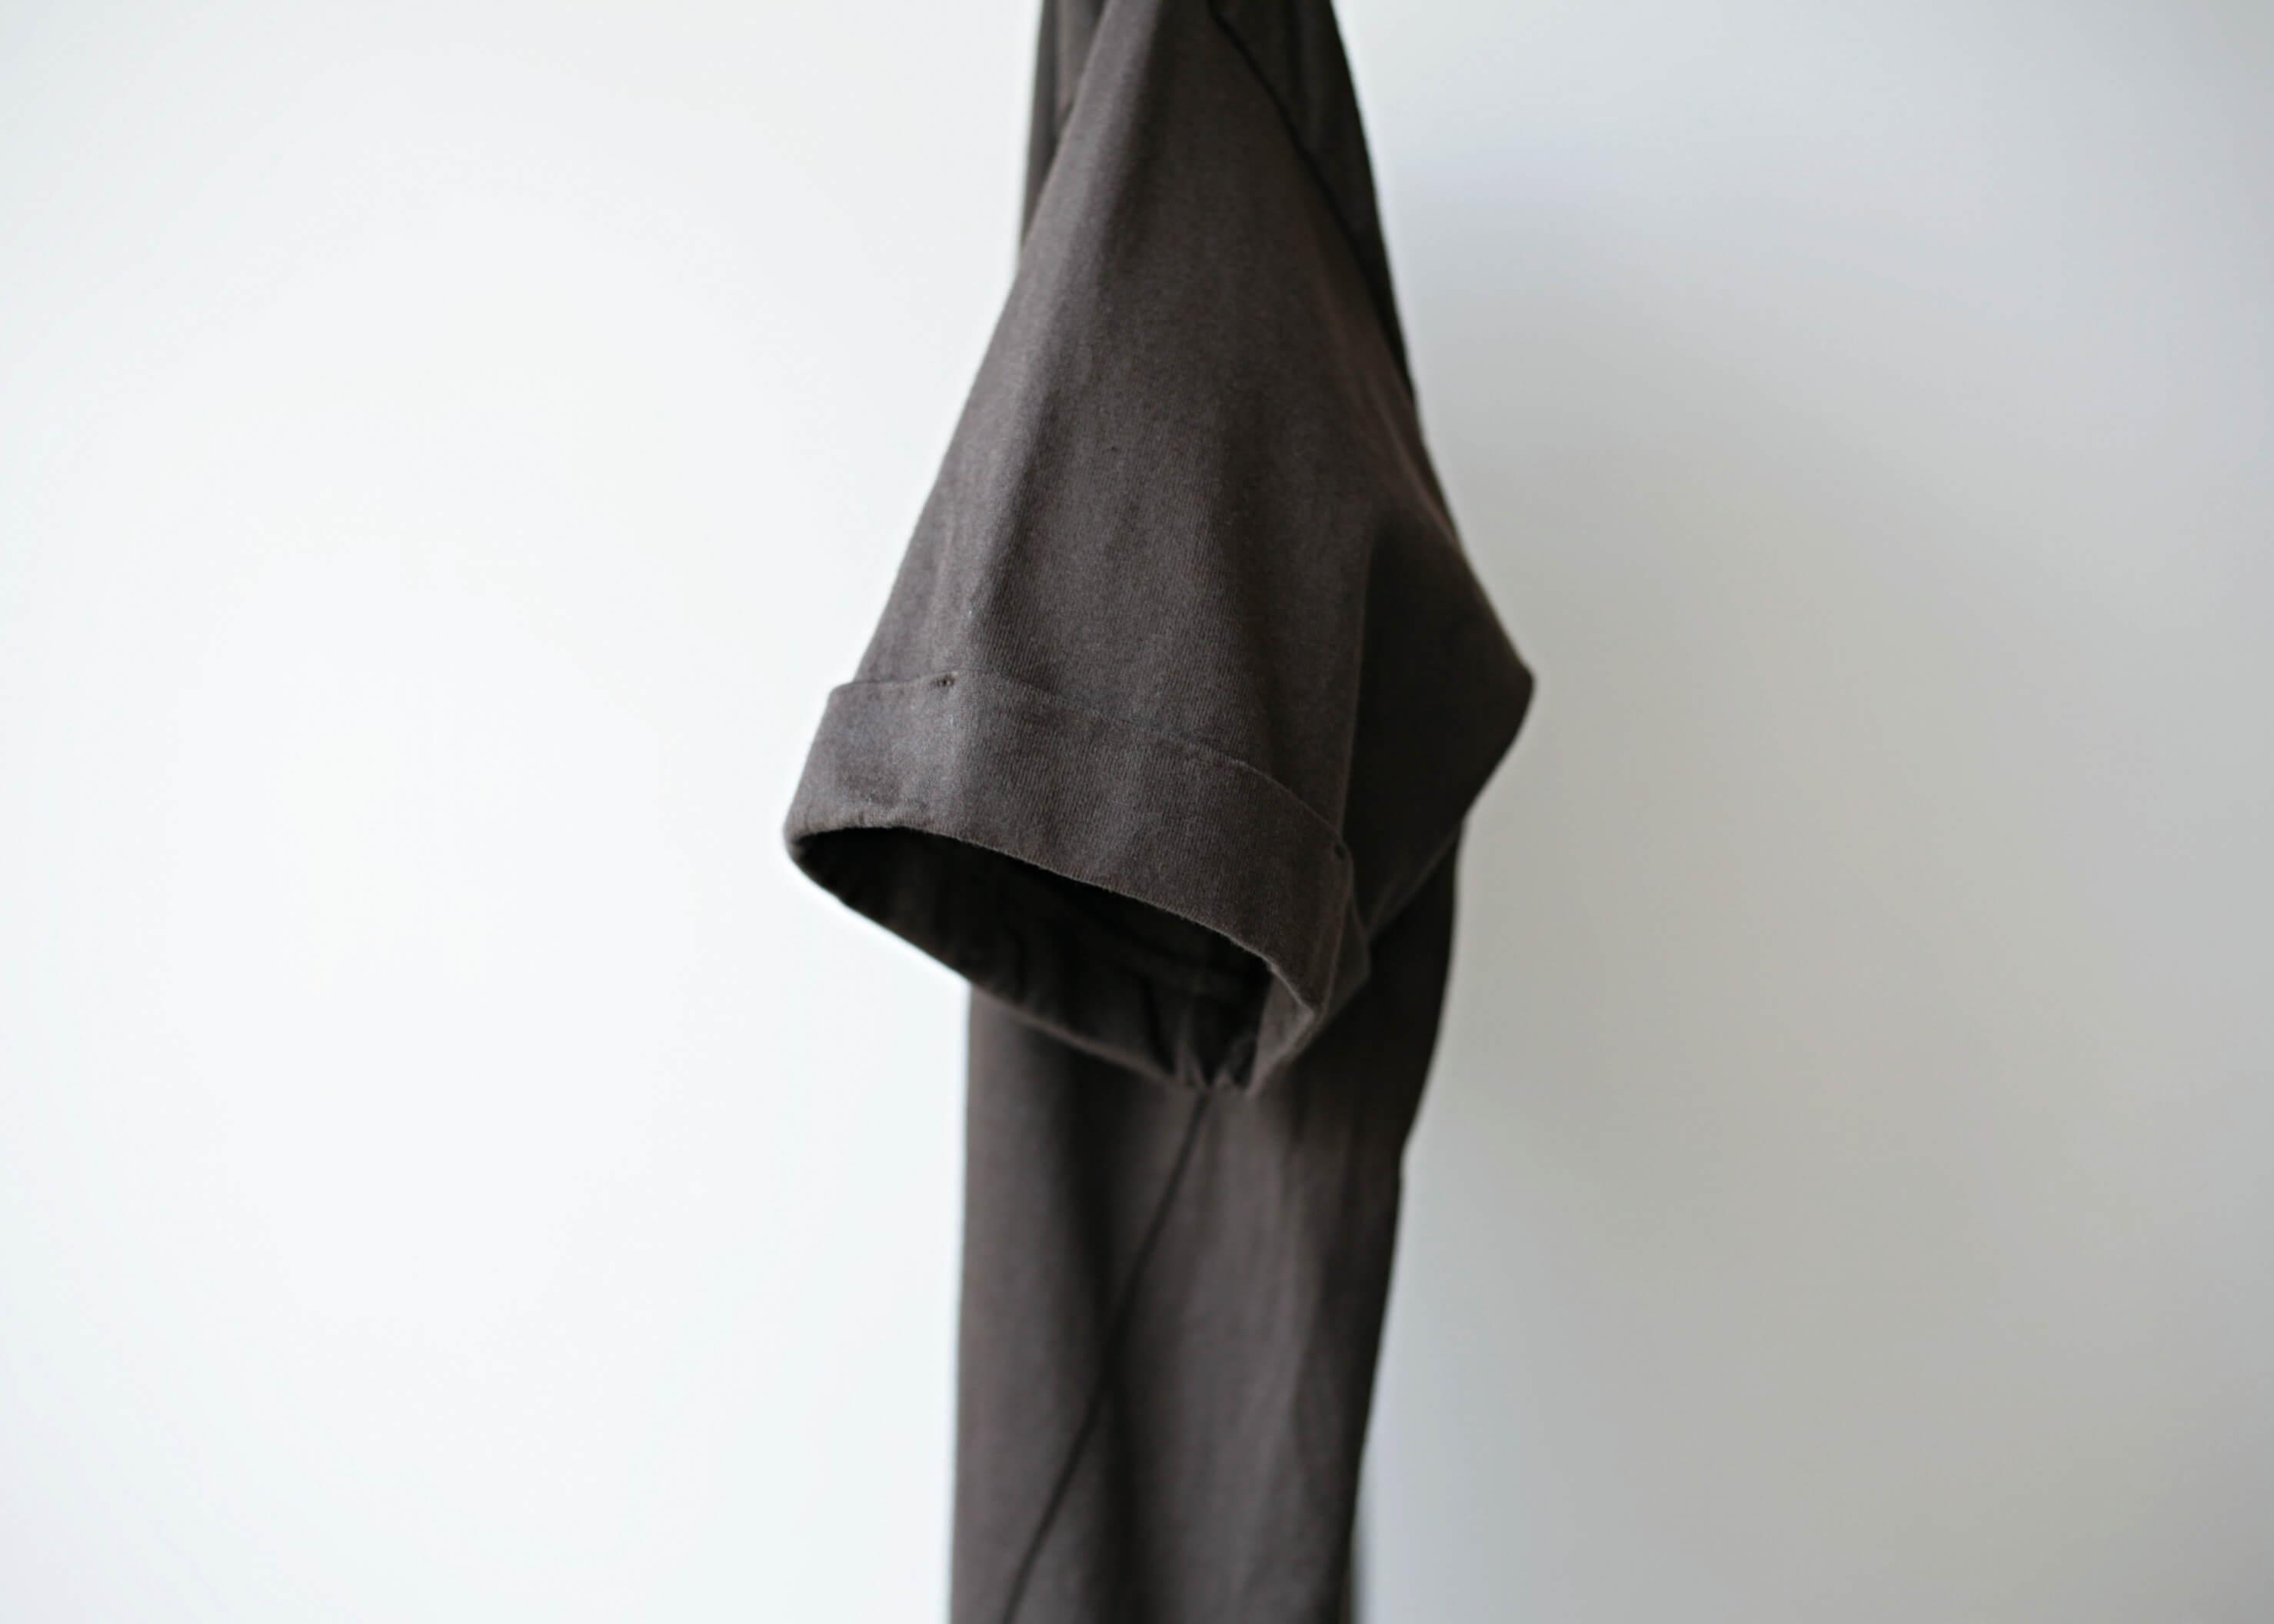 ドゥルカマラ バルーンT brown 袖部分アップ